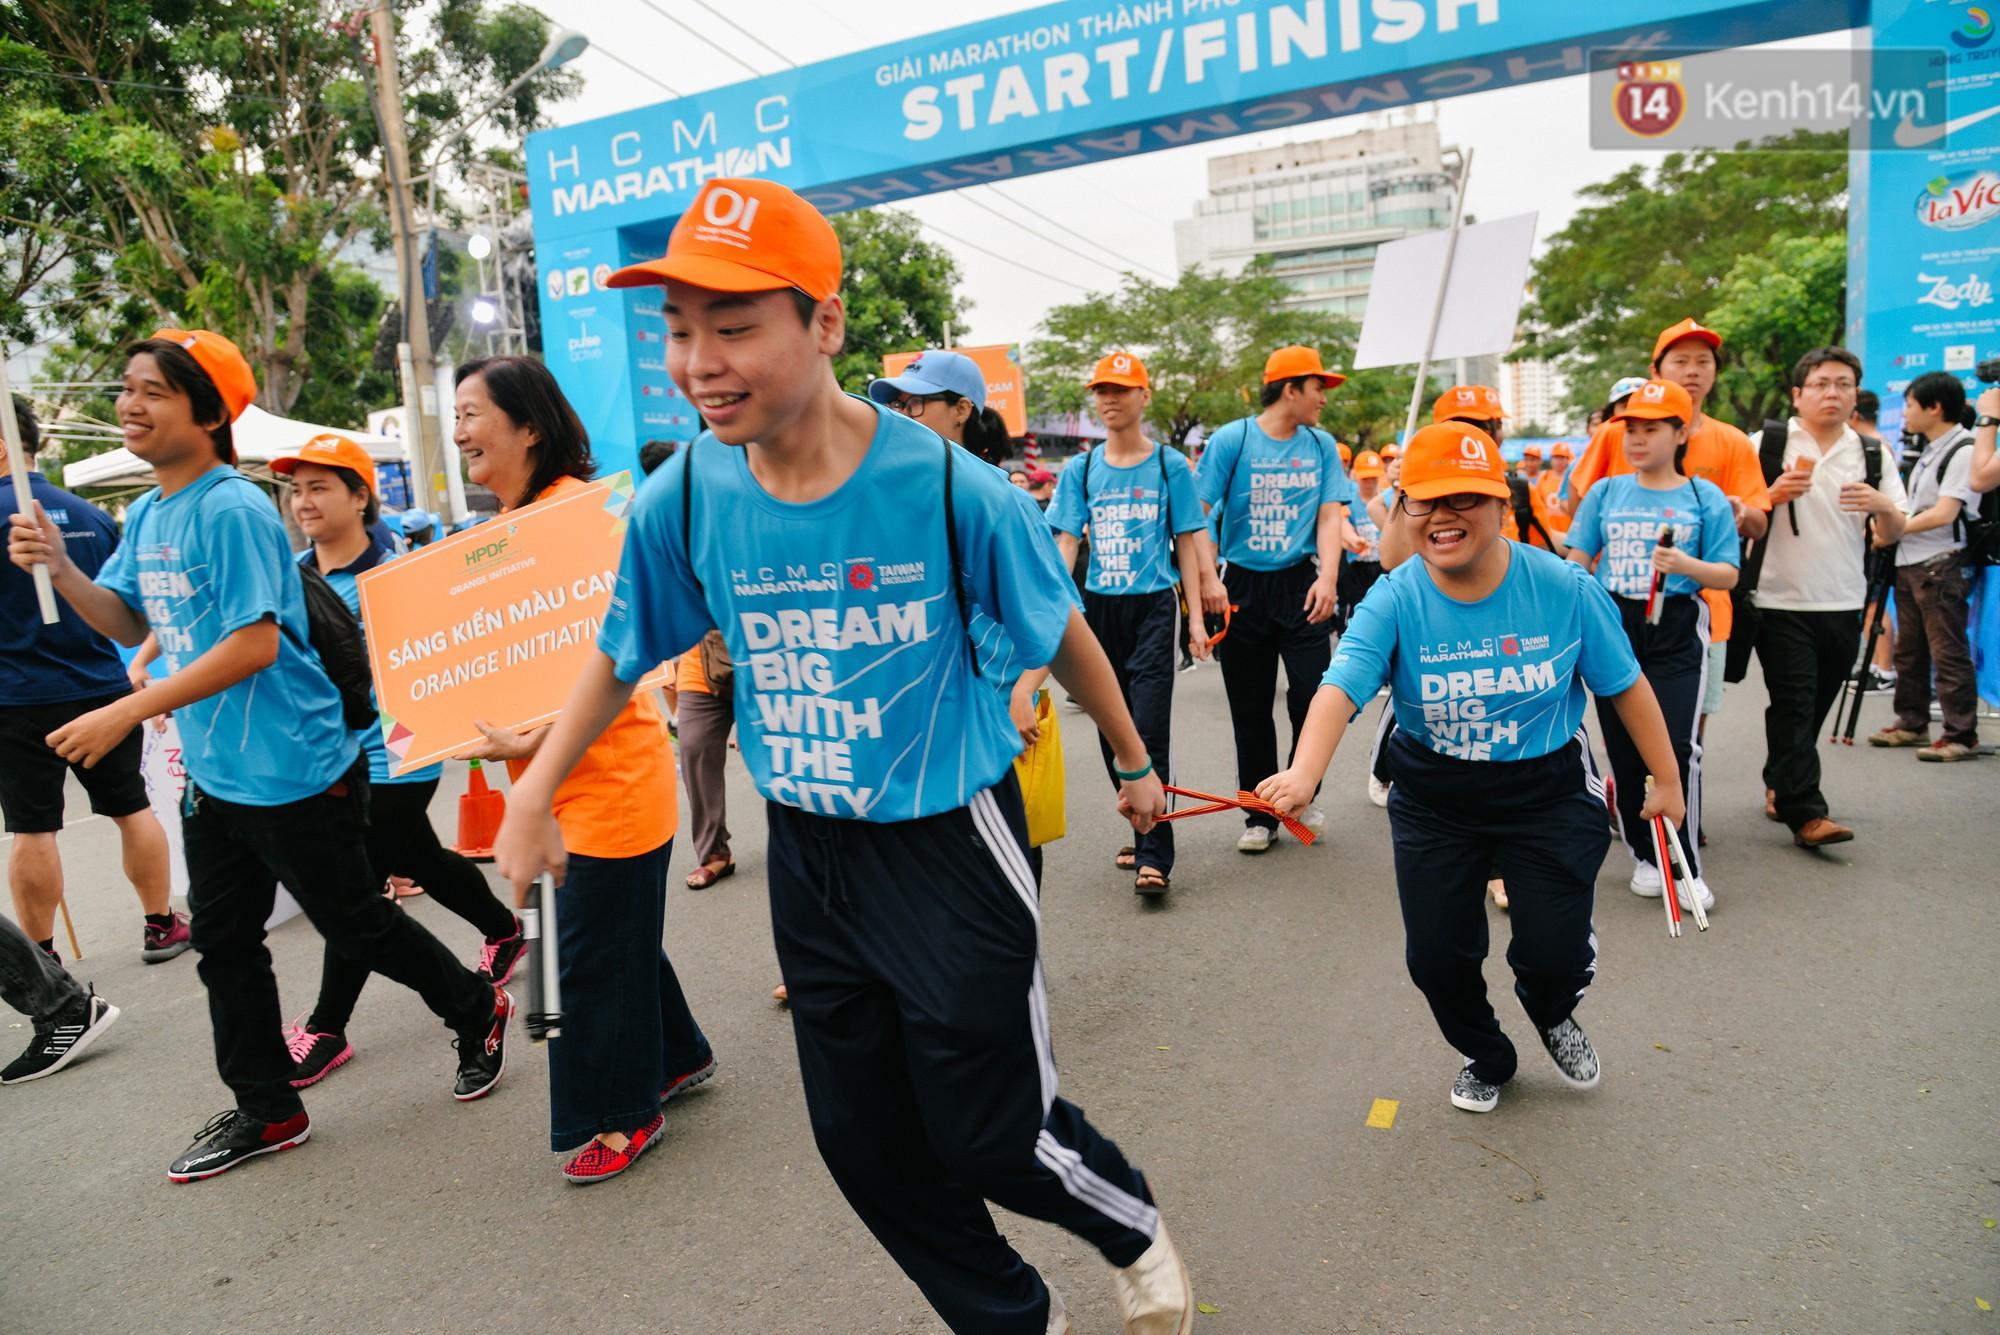 Đường đua 5km và câu chuyện vượt lên chính mình của những người khuyết tật ở Sài Gòn - Ảnh 4.